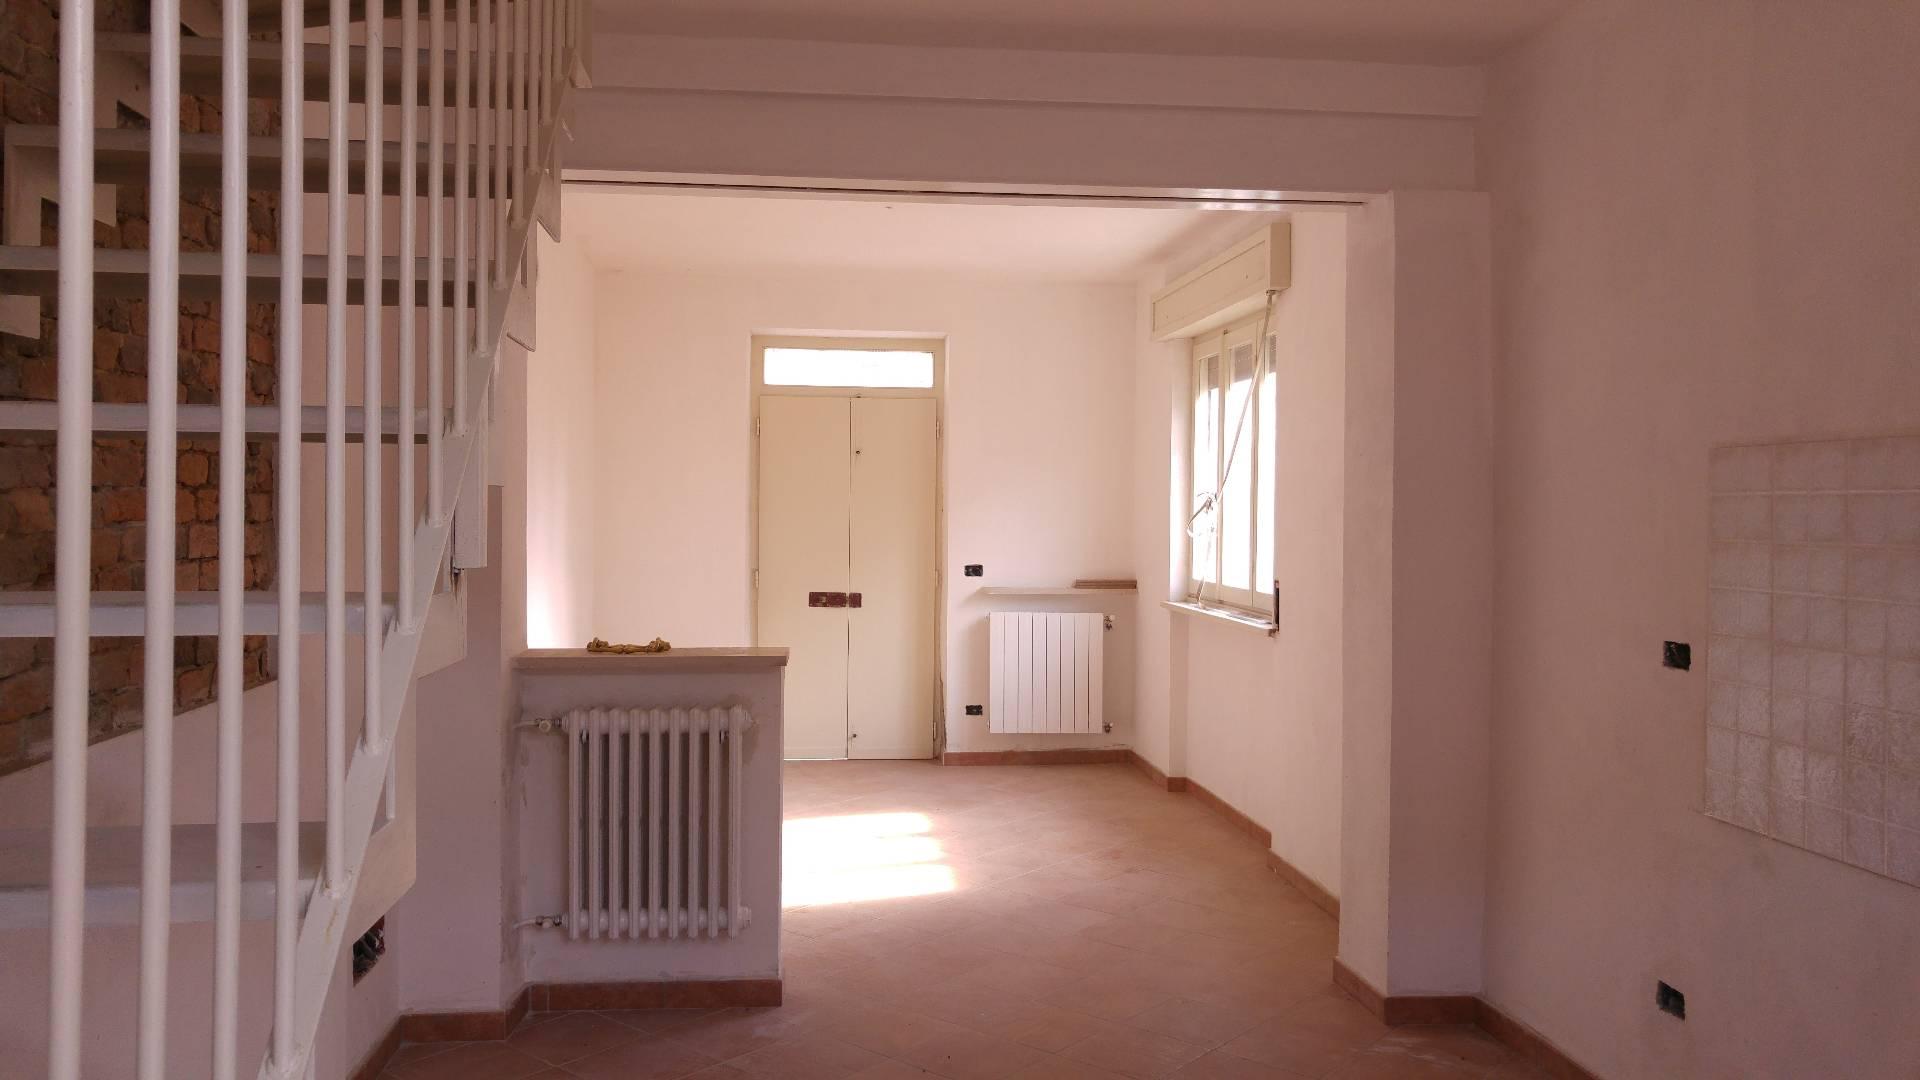 Rustico / Casale in vendita a Bressana Bottarone, 3 locali, prezzo € 68.000 | Cambio Casa.it